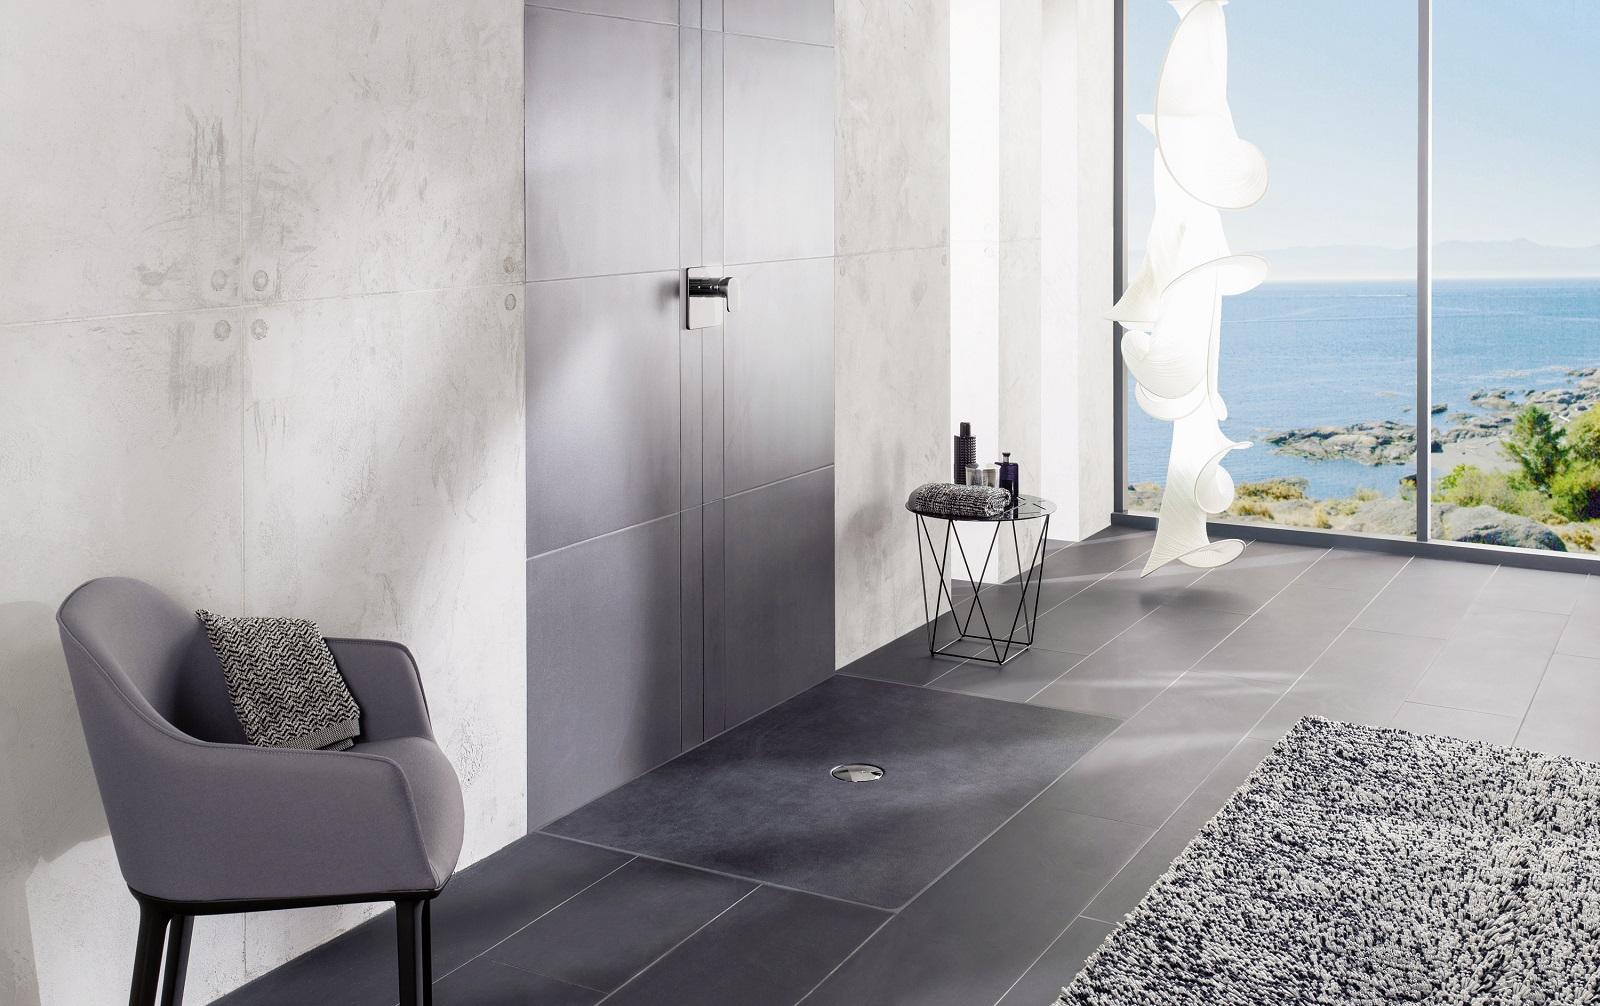 Full Size of Bodengleiche Duschen Erleichtern Den Alltag Und Setzen Sthetische Kaufen Hsk Dusche Nachträglich Einbauen Fliesen Breuer Schulte Moderne Begehbare Hüppe Dusche Bodengleiche Duschen